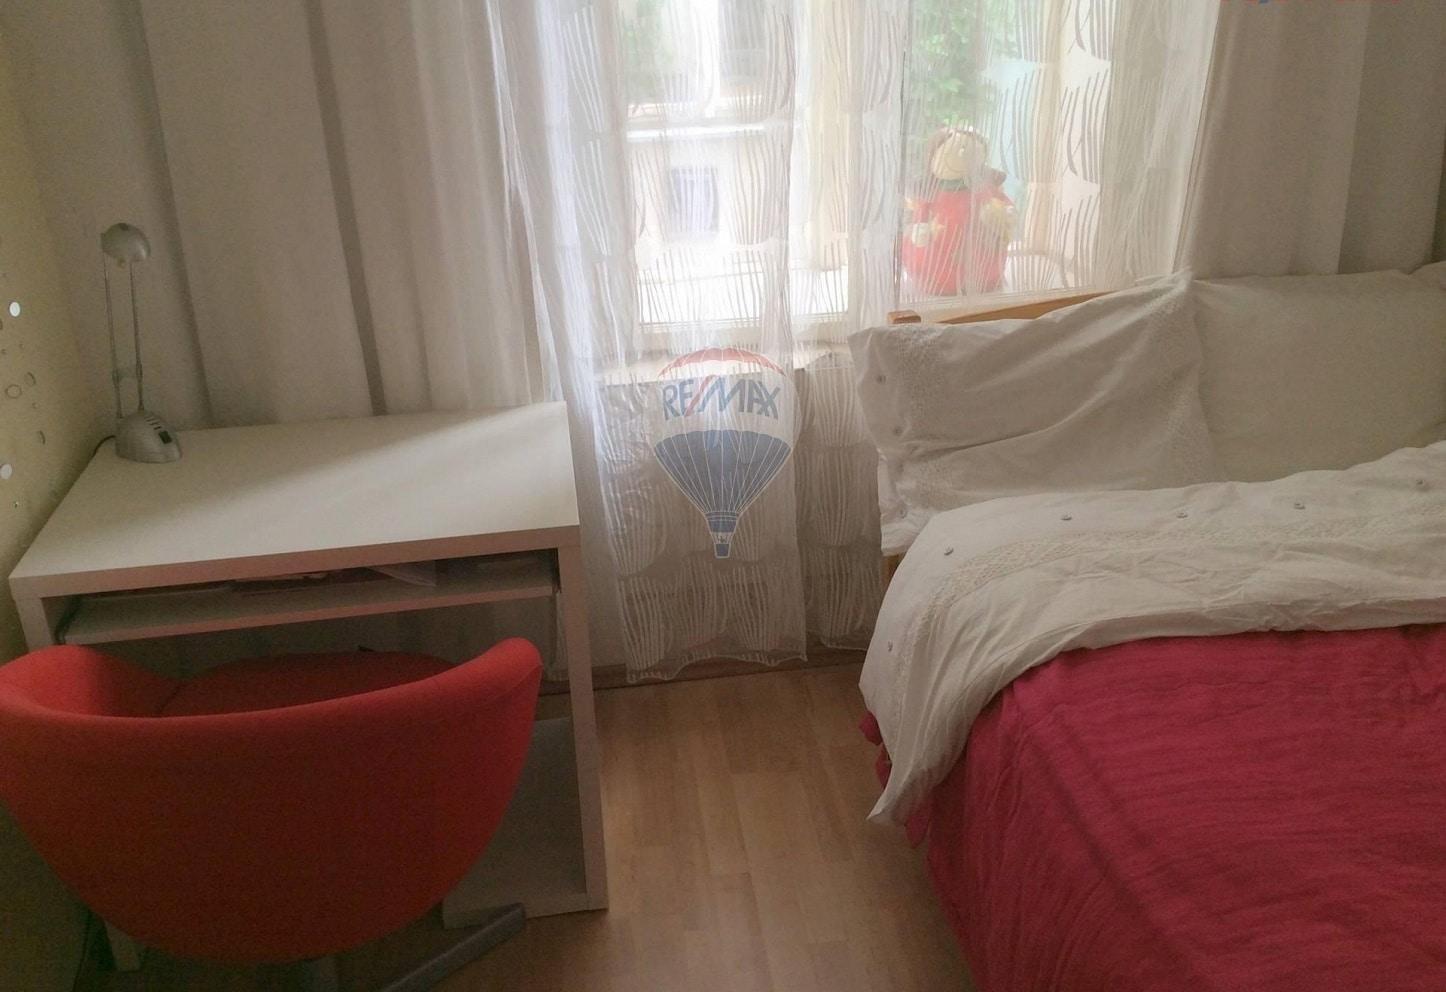 דירת 3 חדרים למכירה בפראג 1 על 78 מר (6)